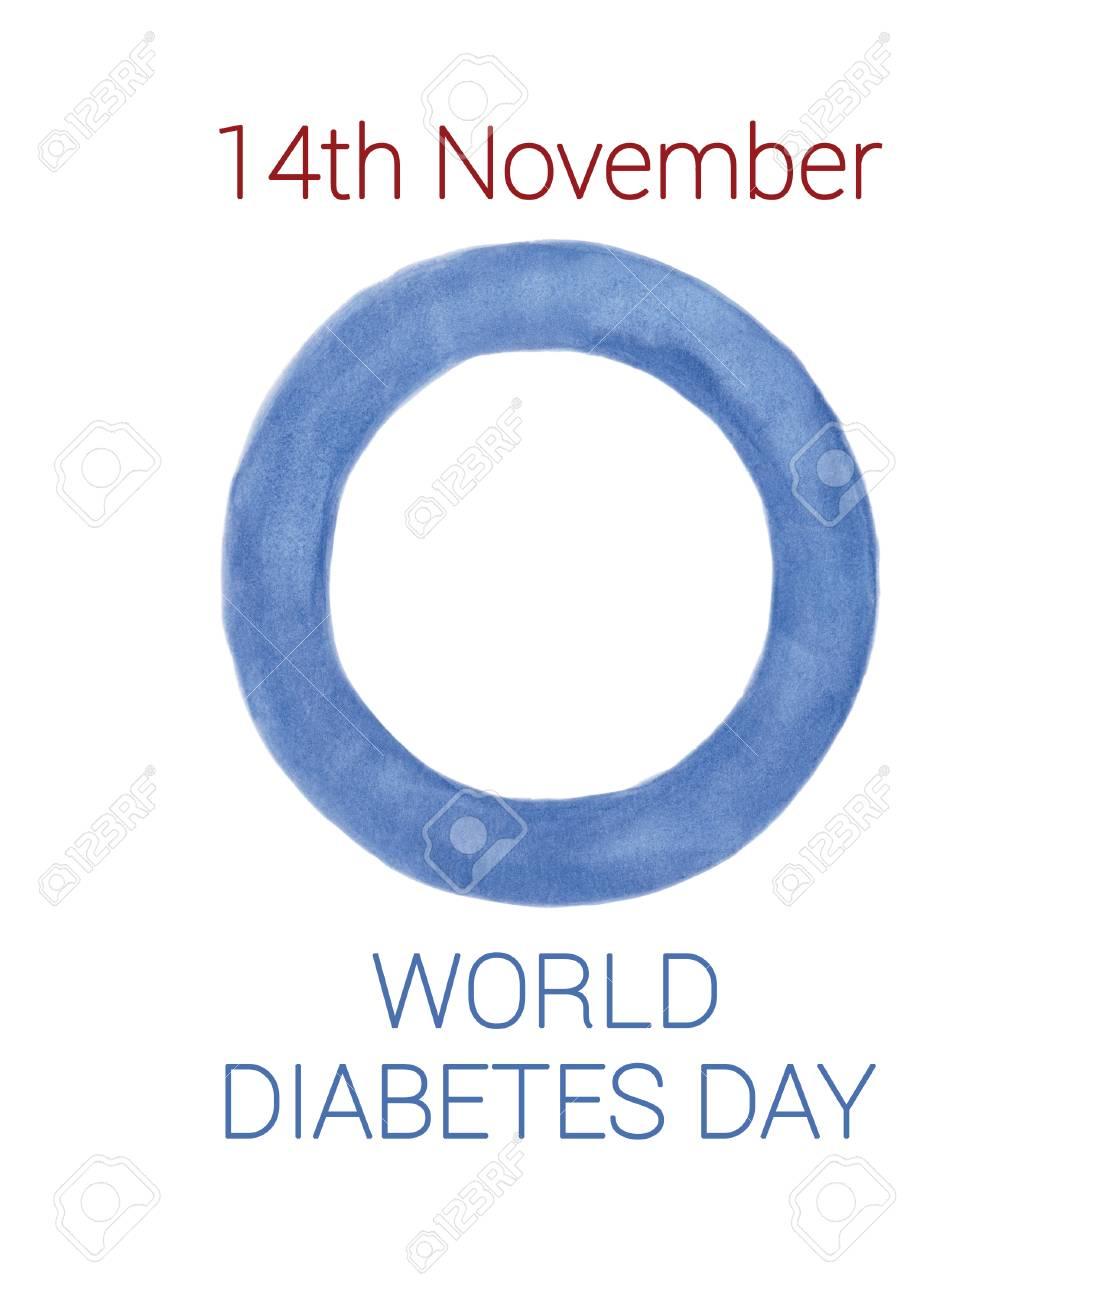 aplicación del círculo azul del día mundial de la diabetes